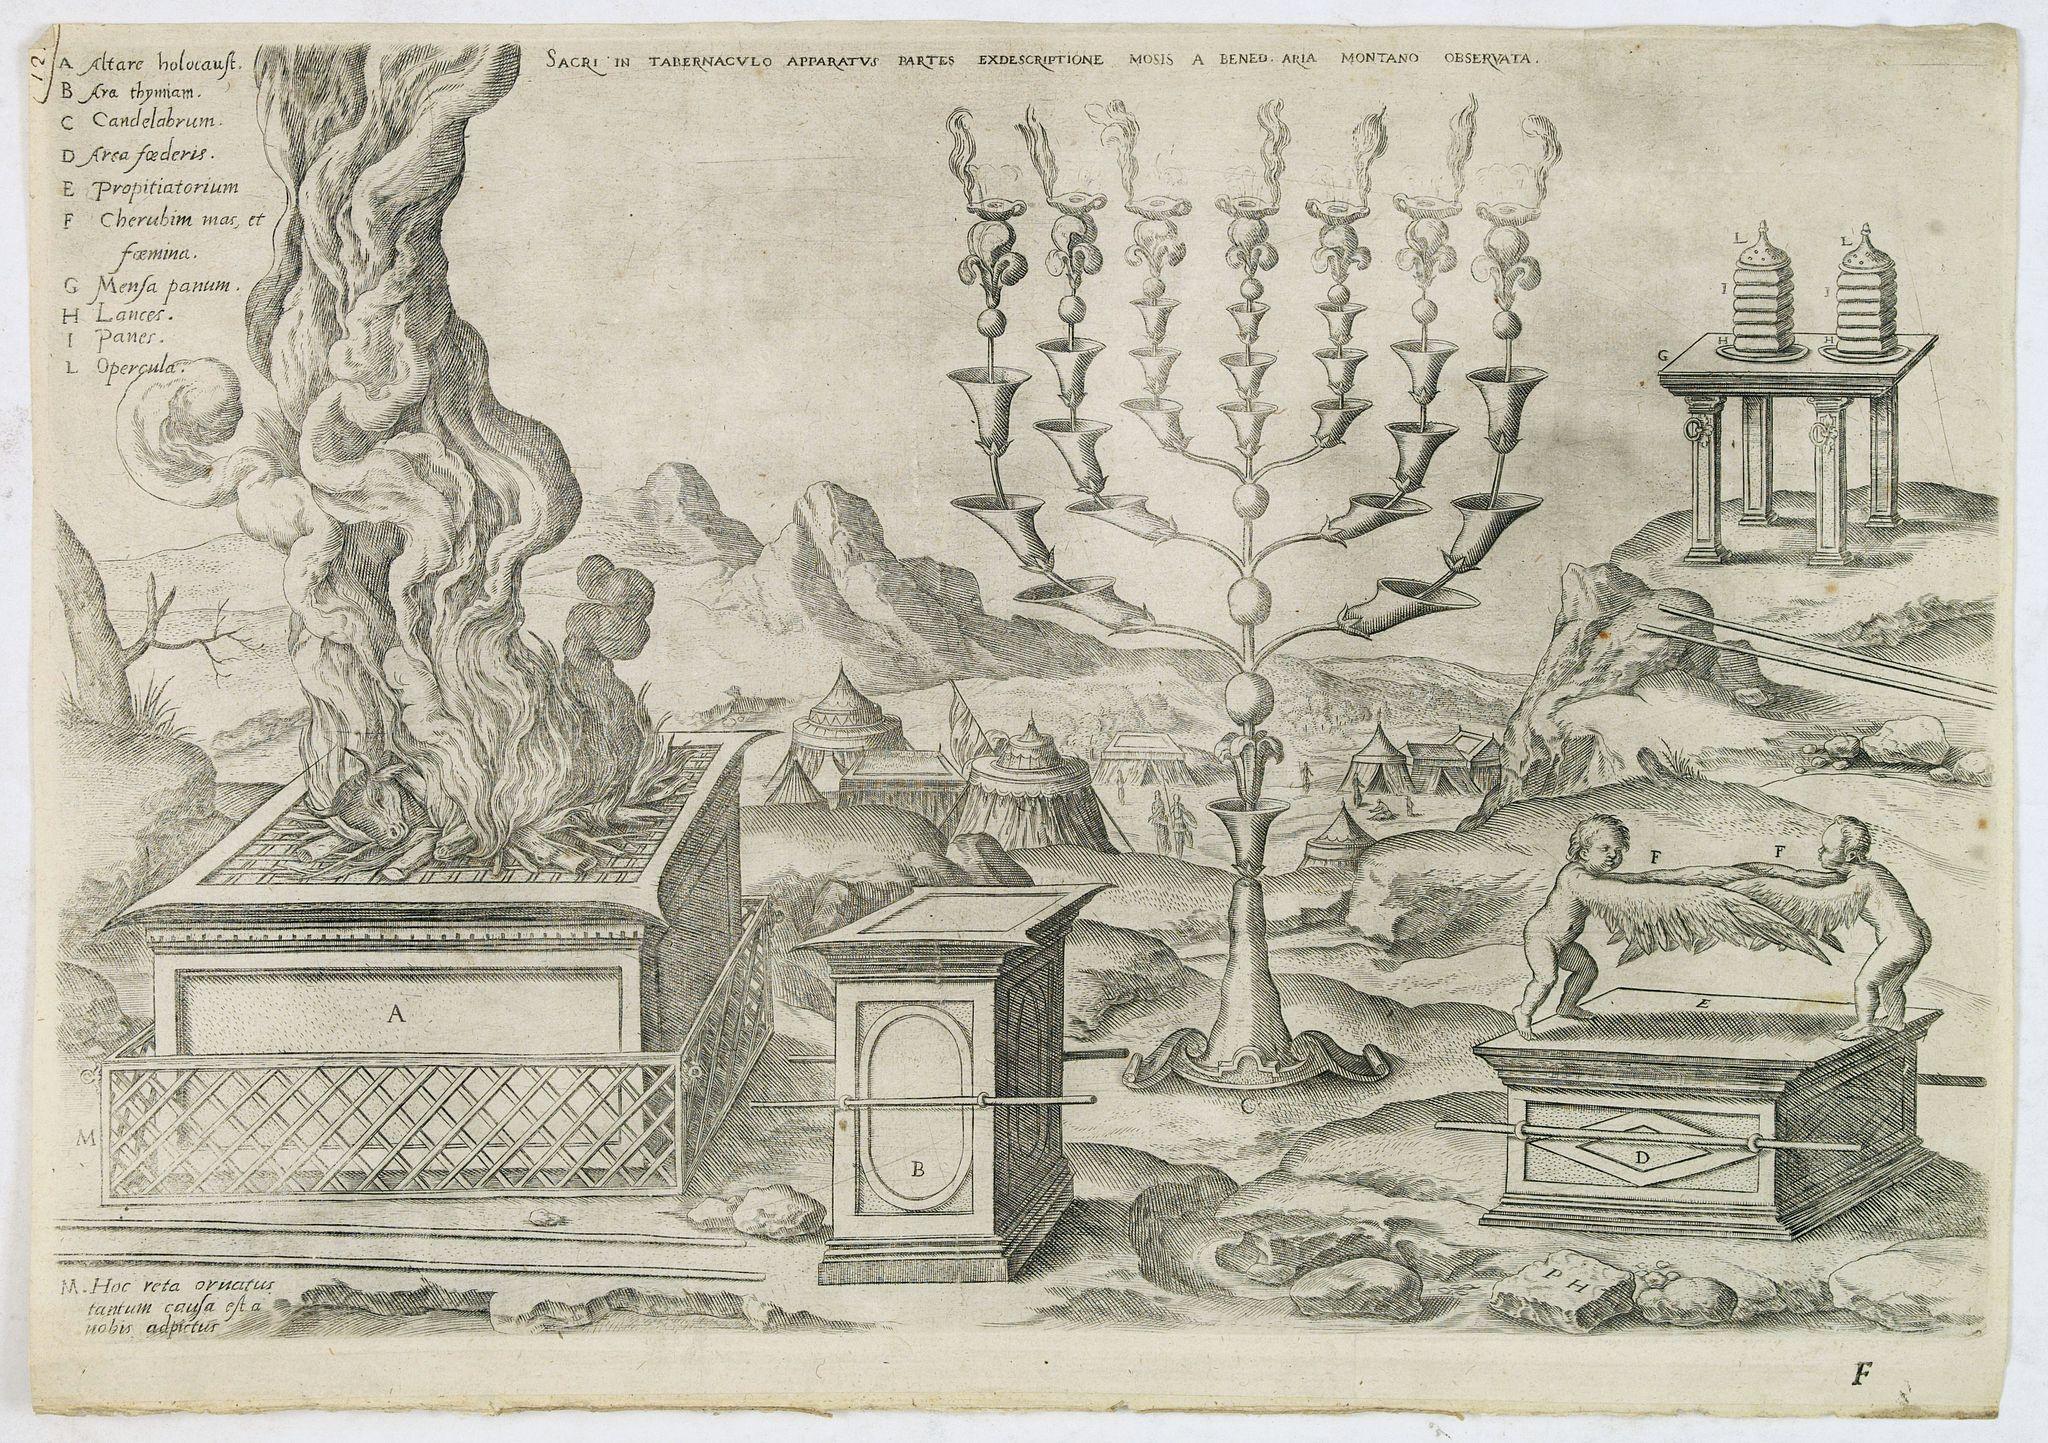 ARIAS MONTANUS, B. -  Sacri in tabernaculo apparatus partes ex descriptione Mosis. . .